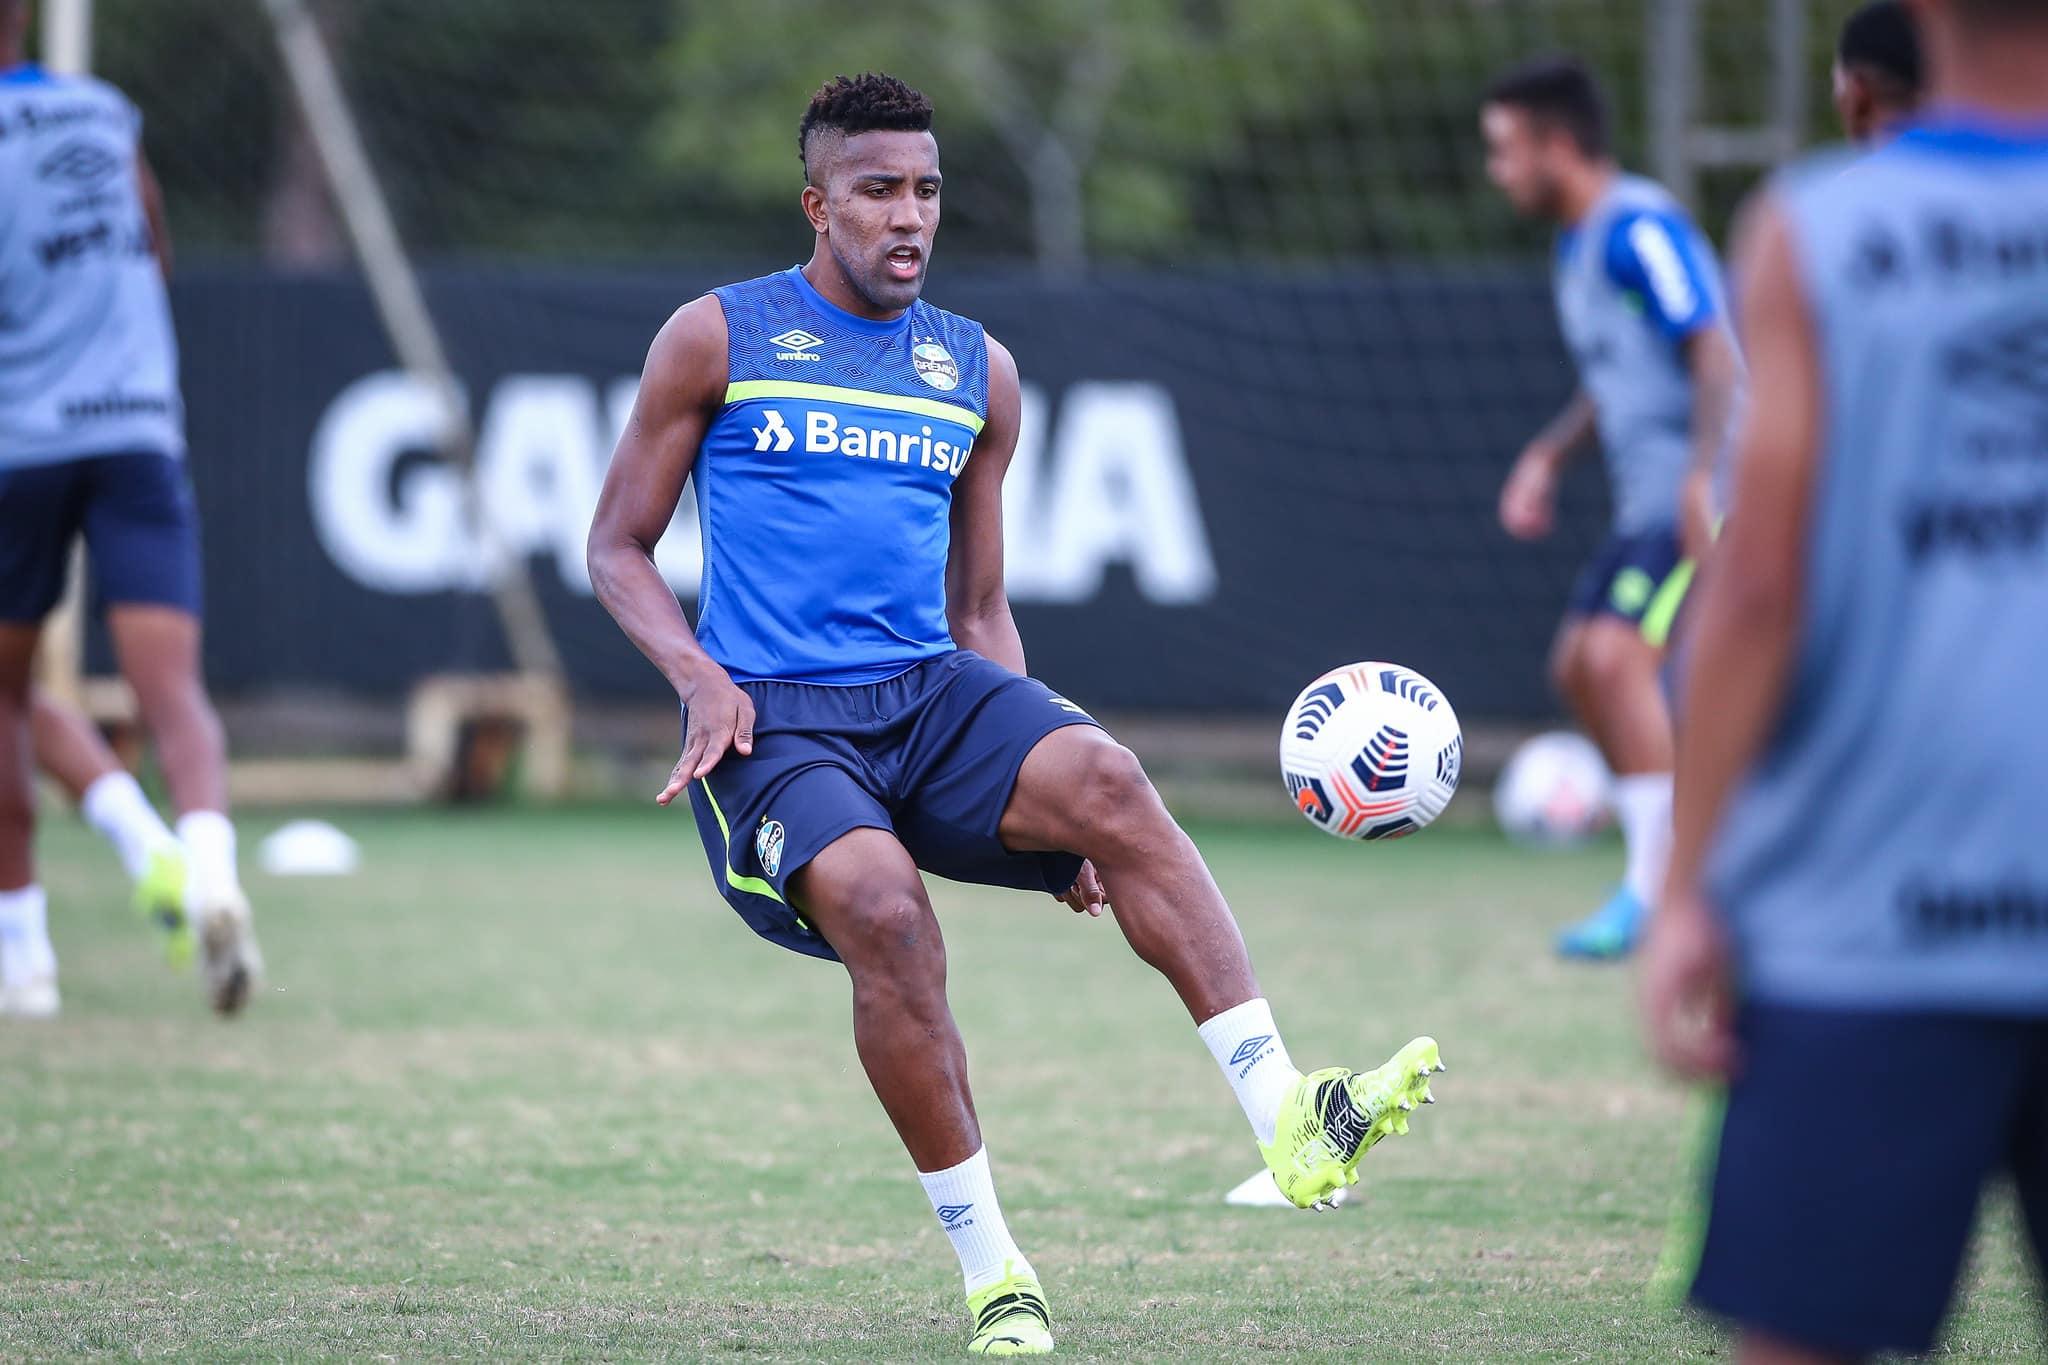 Bruno Cortez